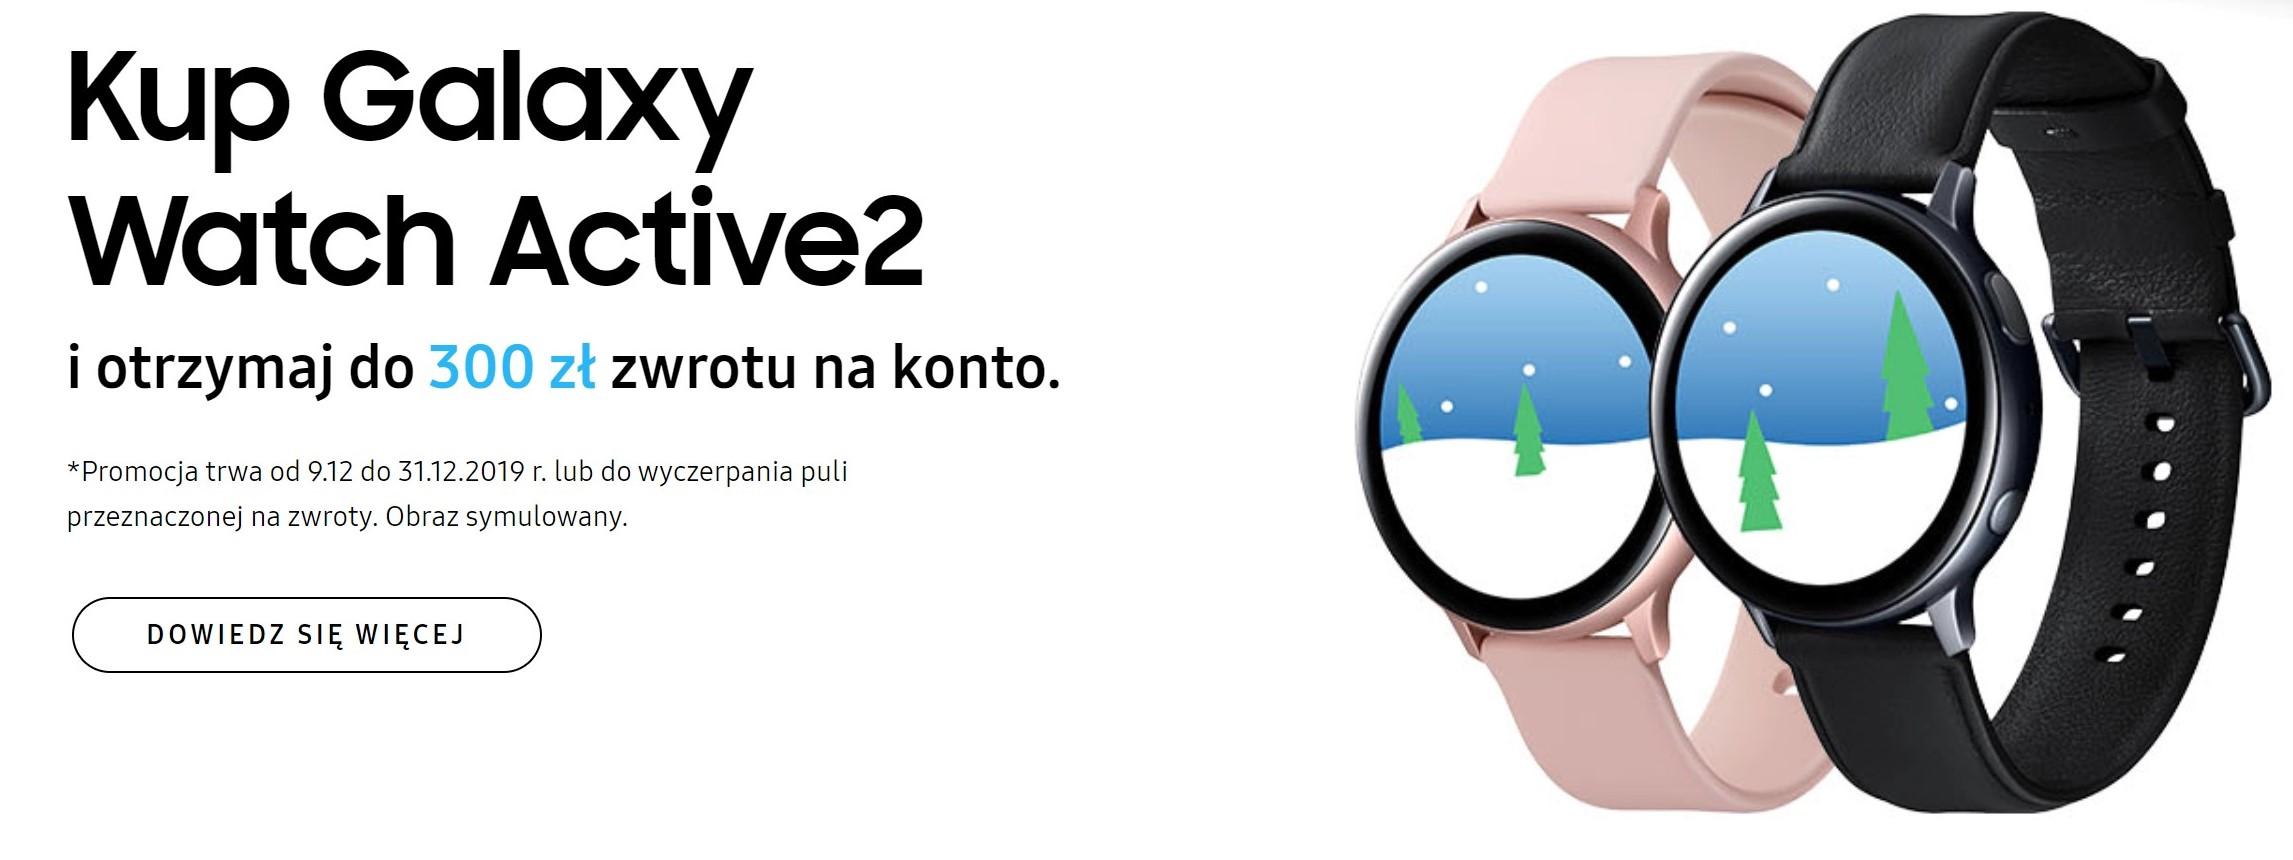 Promocja: Do 300 zł zwrotu na konto przy zakupie Samsung Galaxy Watch Active 2 17